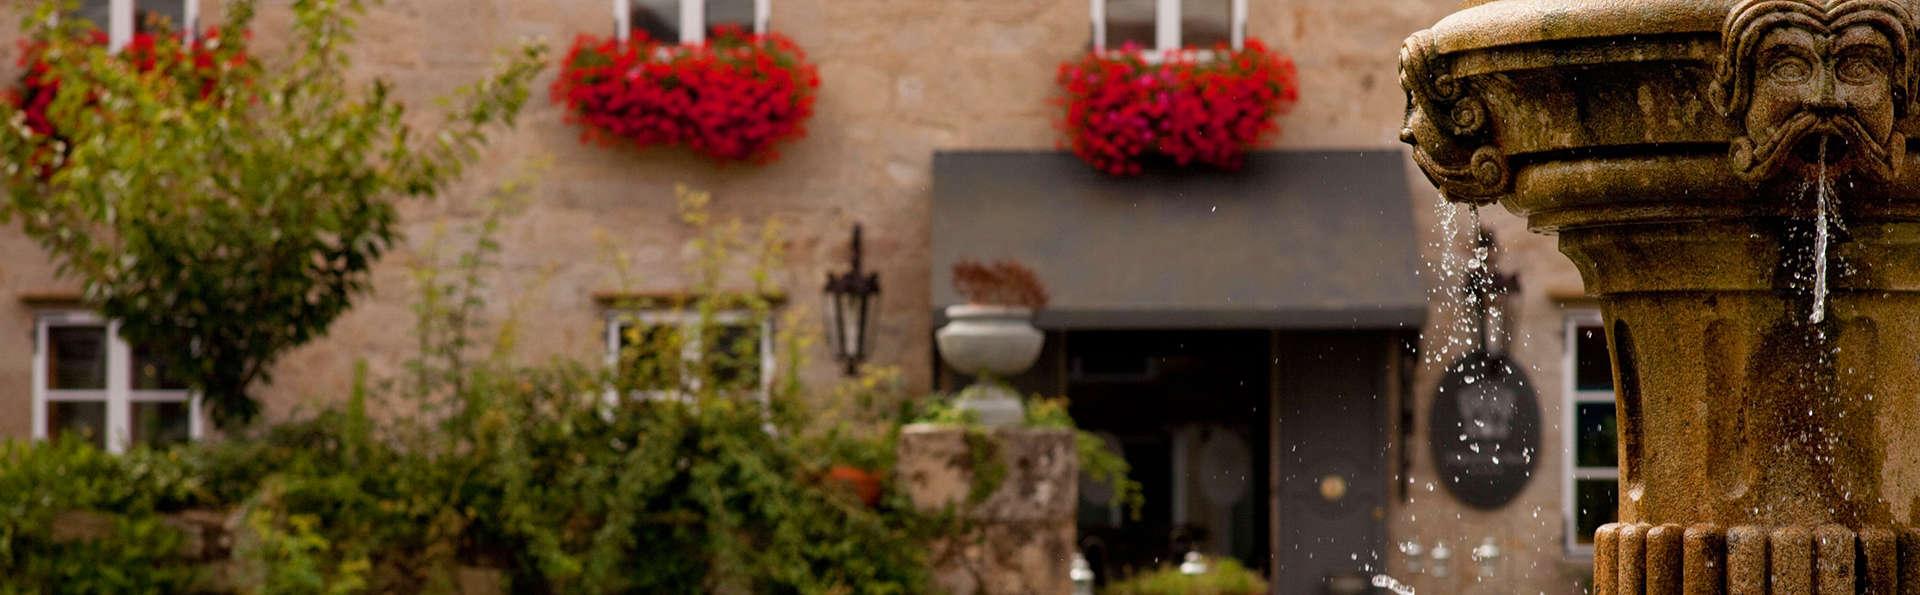 Hotel Spa Relais & Chateaux A Quinta da Auga  - EDIT_Garden1.jpg